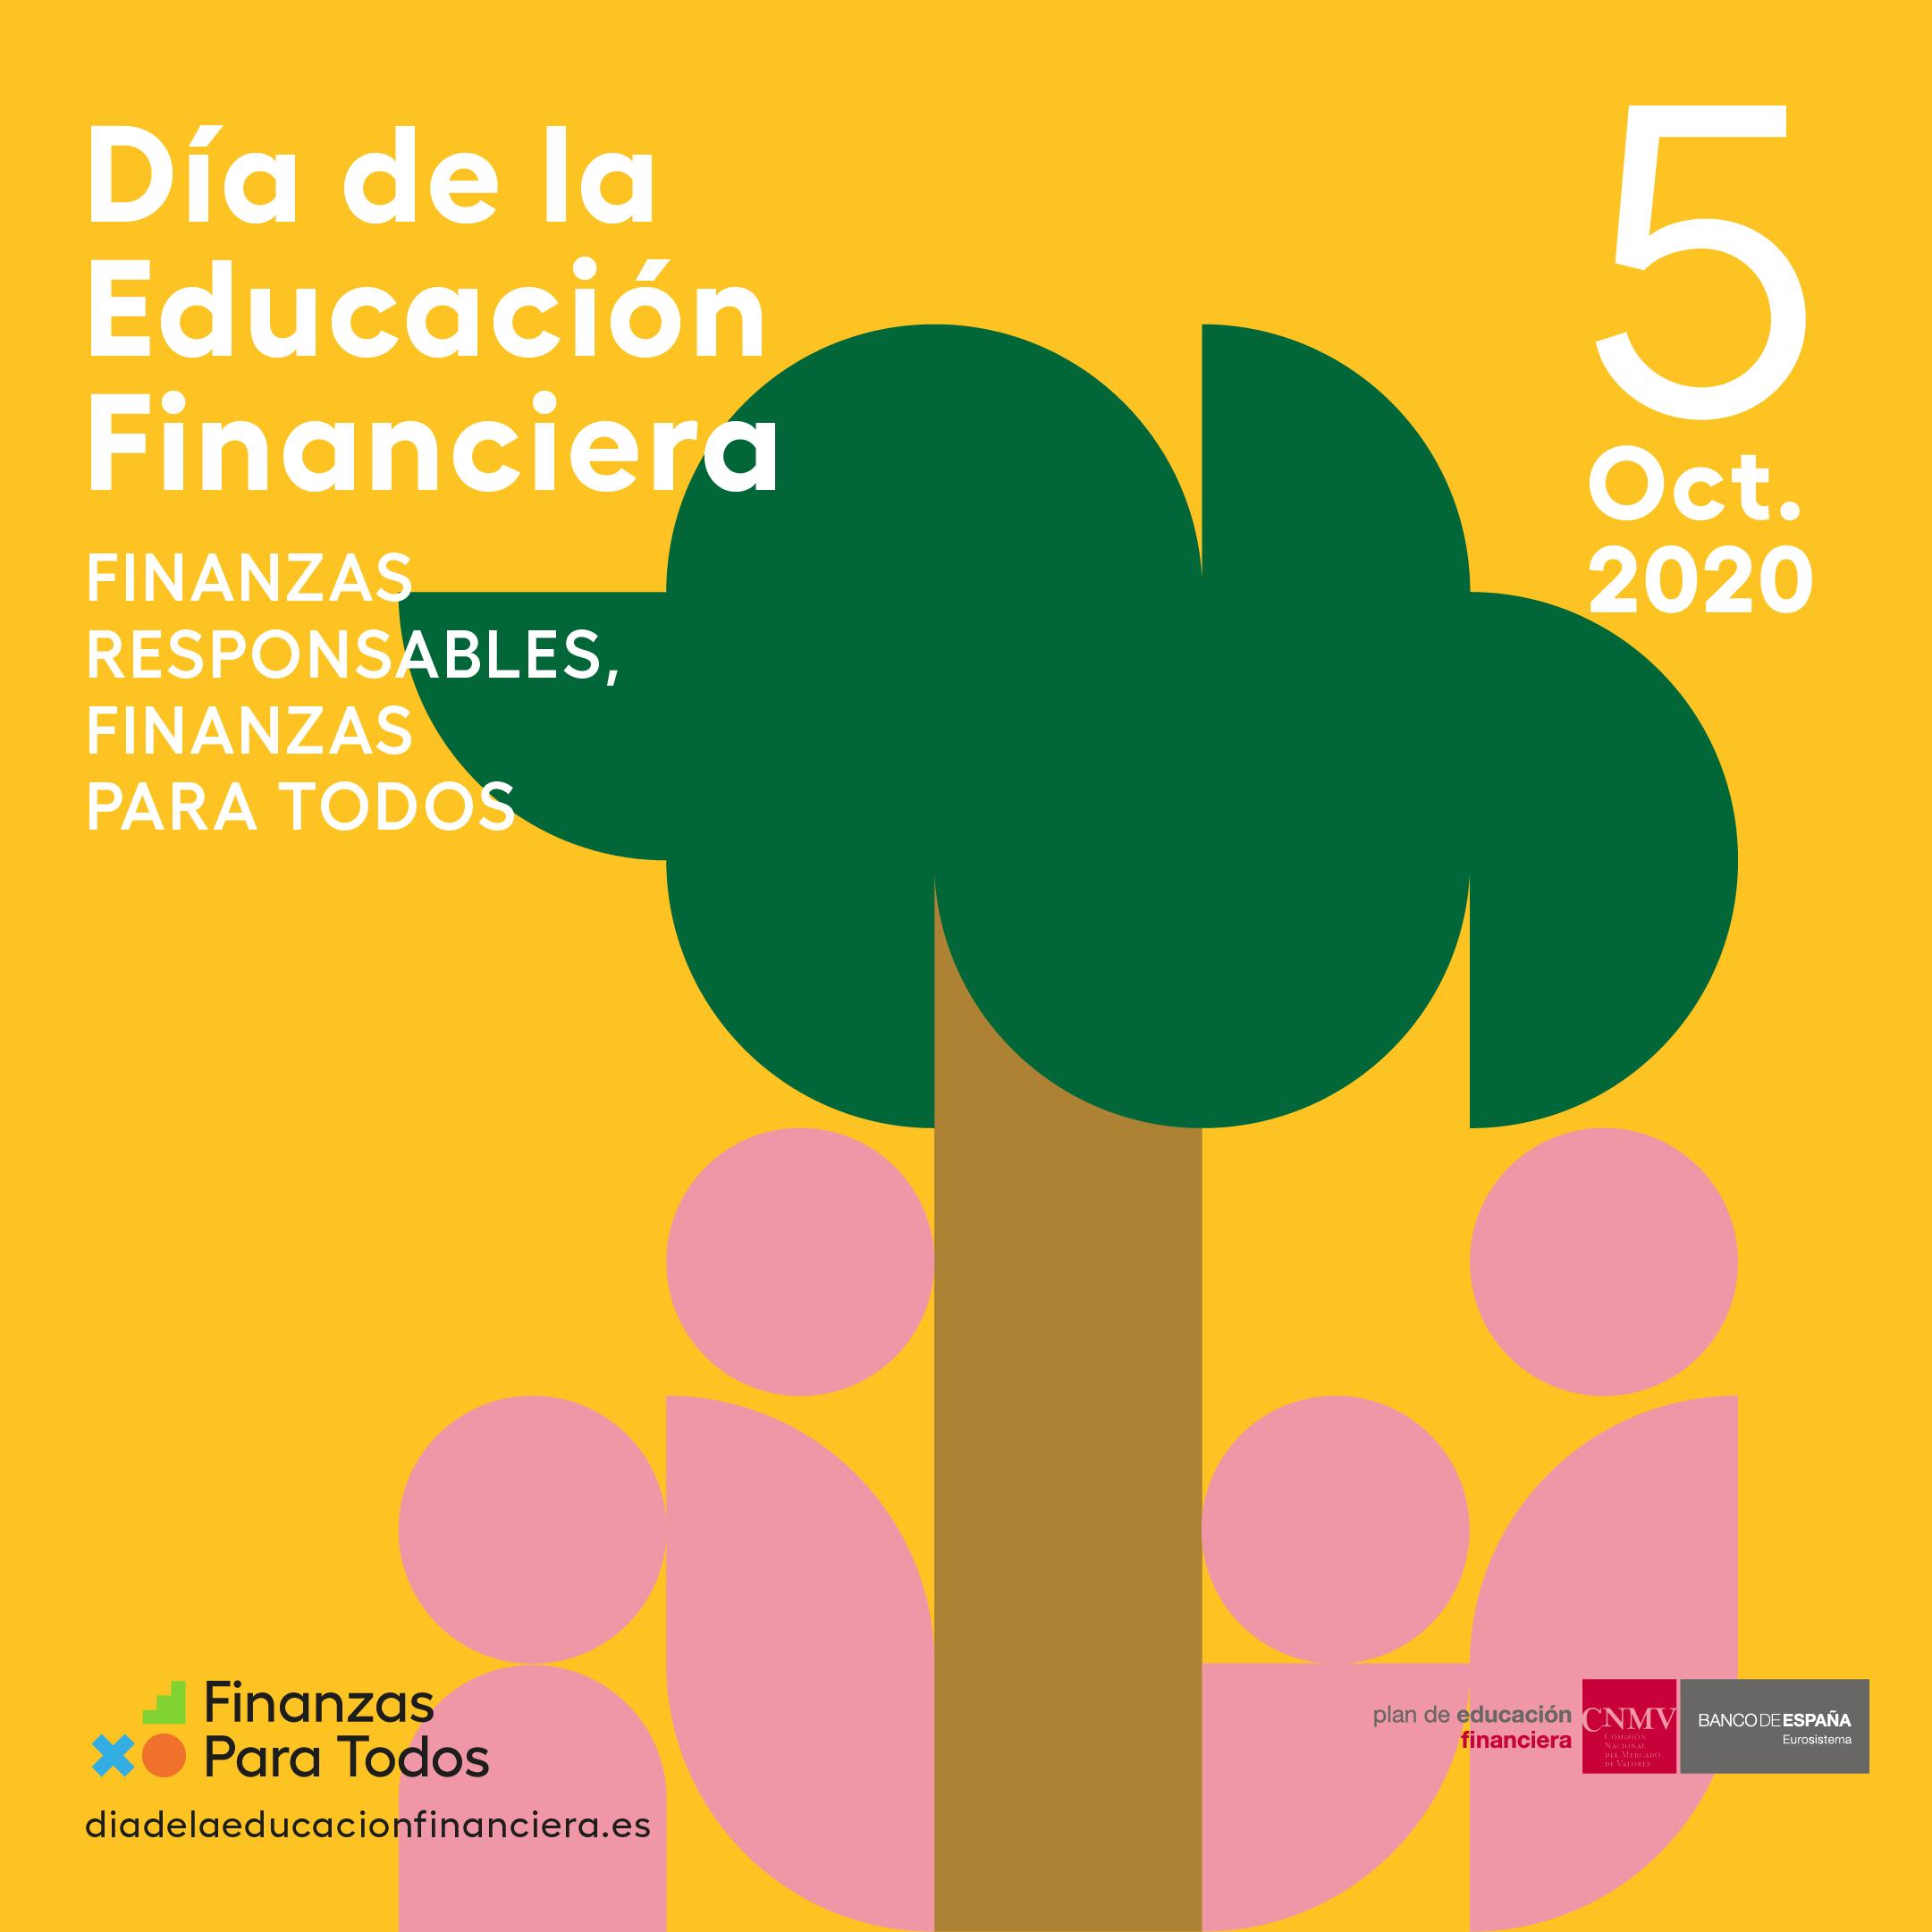 La Fundación ICO se suma a la celebración del Día de la Educación Financiera